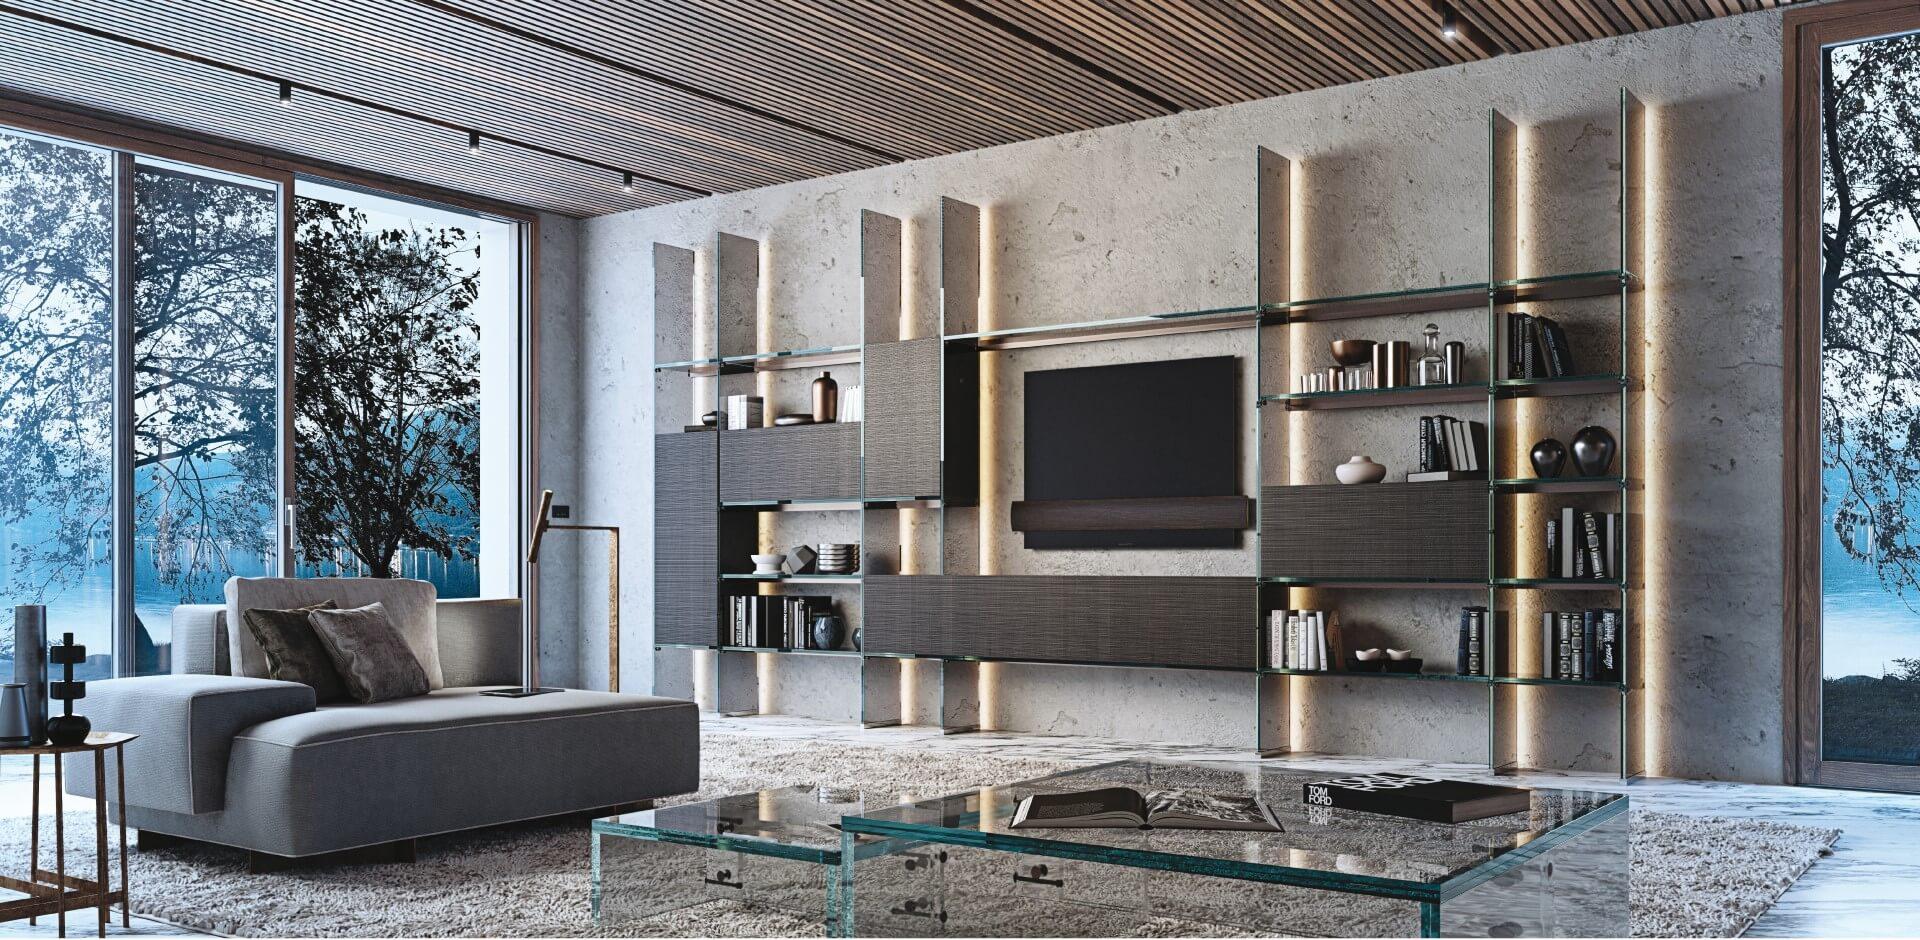 Simplicity Bookcase with wooden cabinet ( Design by Carlo Santambrogio & Ennio Arosio - 2019).